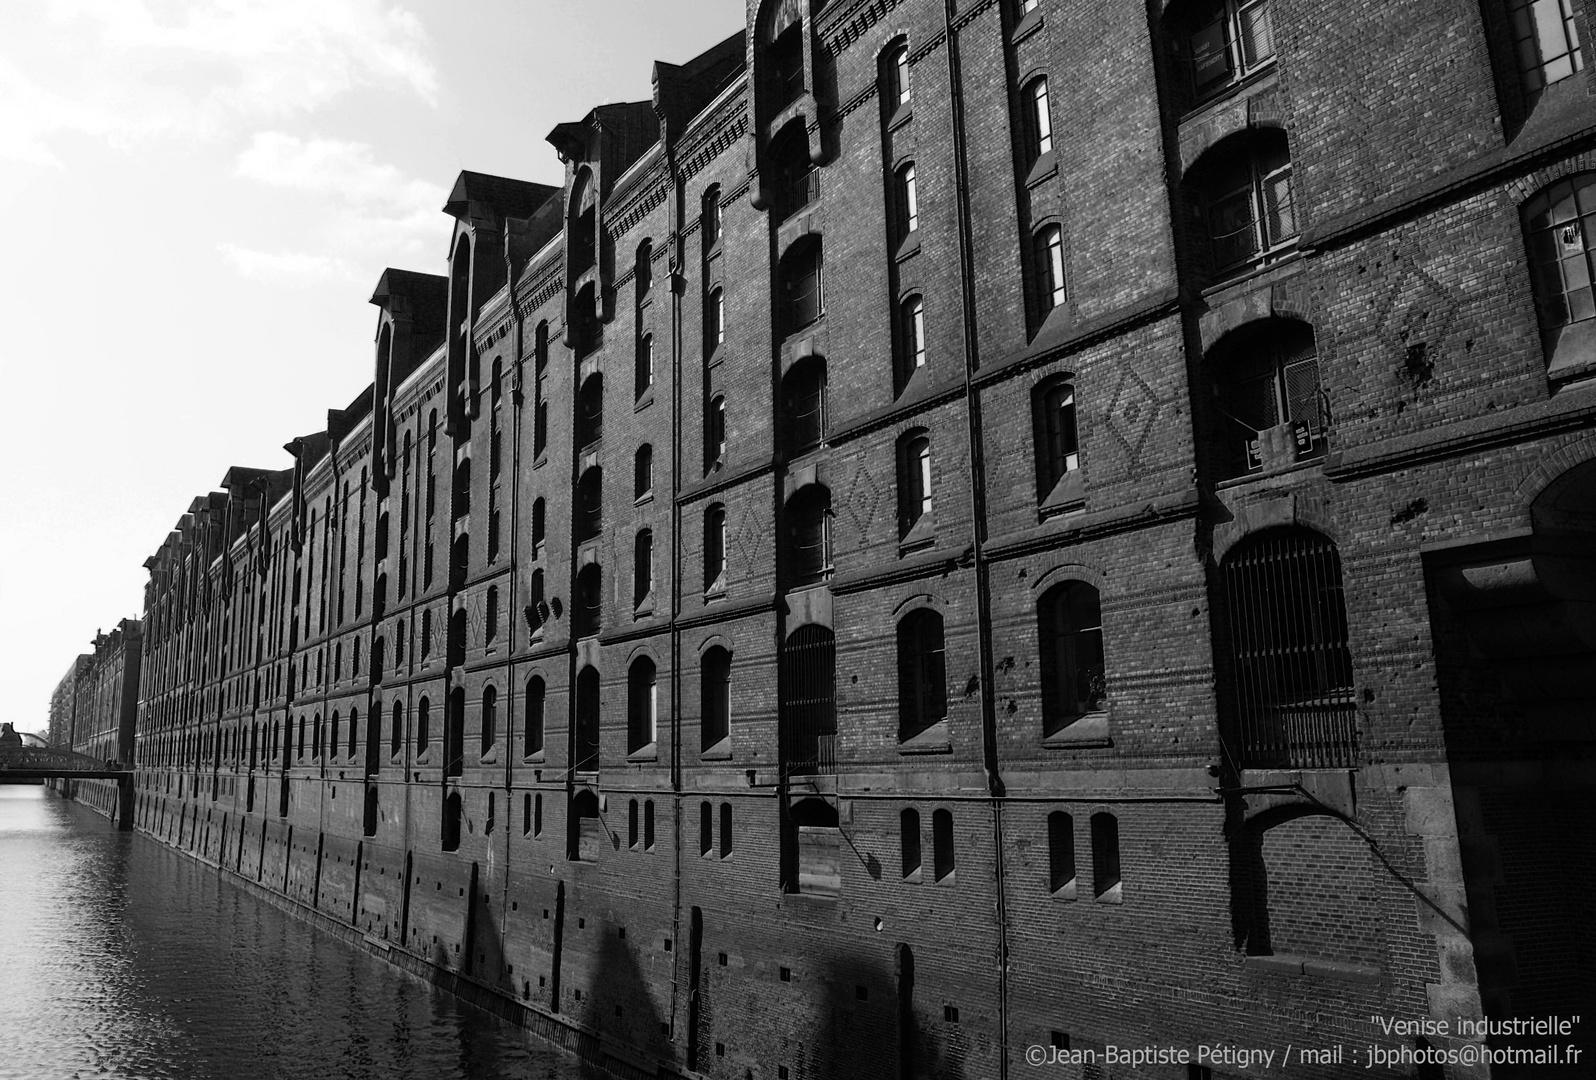 Venise industrielle